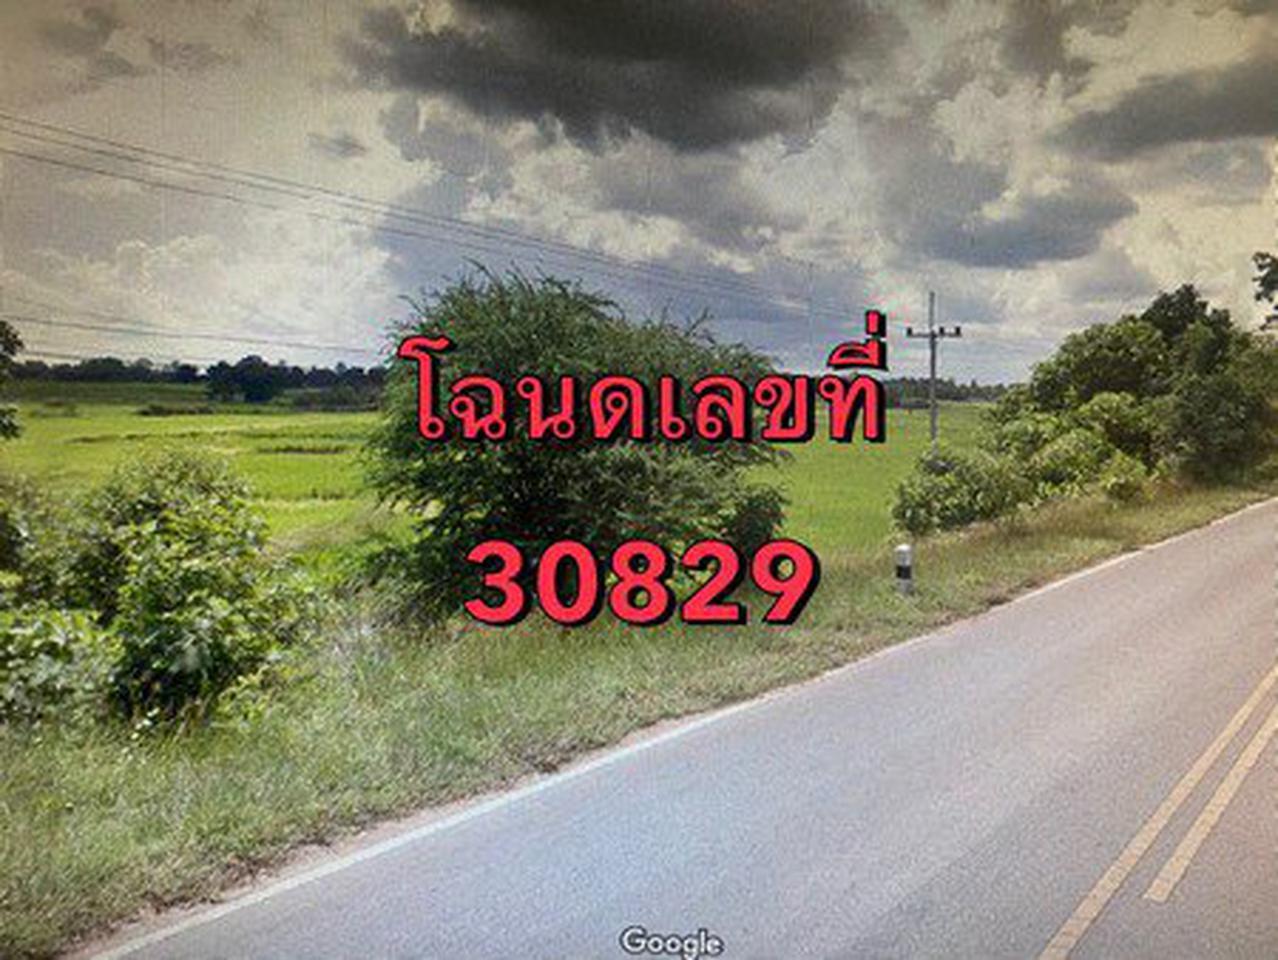 ขายที่ดินเปล่า ติดถนนหมายเลข 2069 จังหวัดชัยภูมิ เนื้อที่ 64 ไร่ 1 งาน 72 ตารางวา รูปที่ 2